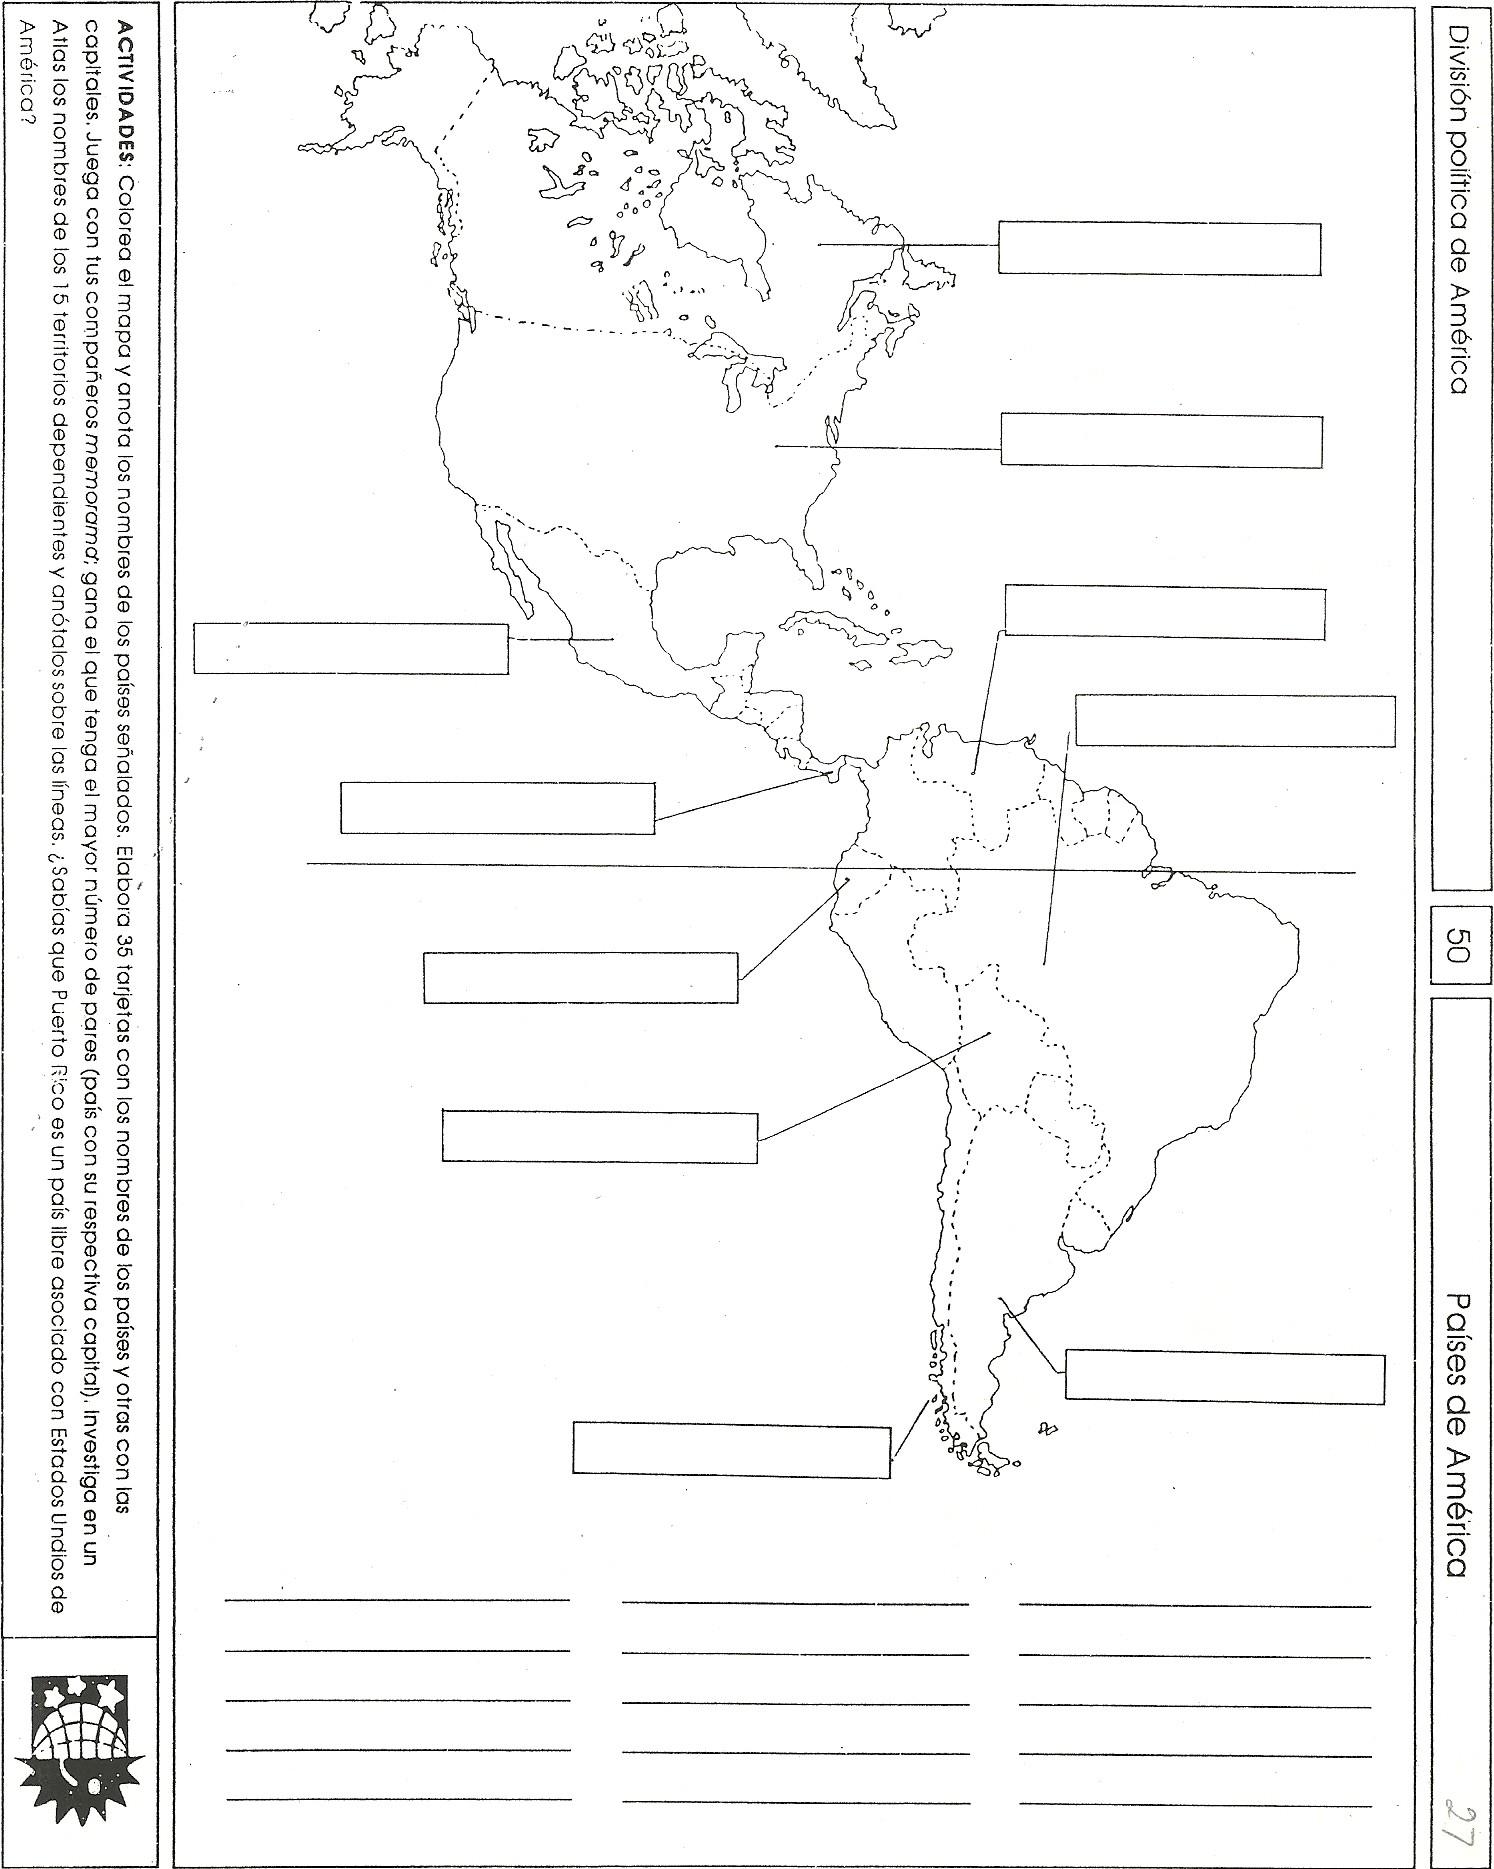 Calendario Escolar 2018 Y 2019 Telesecundaria Más Recientes Primer Grado Geografa De México Y Del Mundo Of Calendario Escolar 2018 Y 2019 Telesecundaria Mejores Y Más Novedosos De Estudio No Se